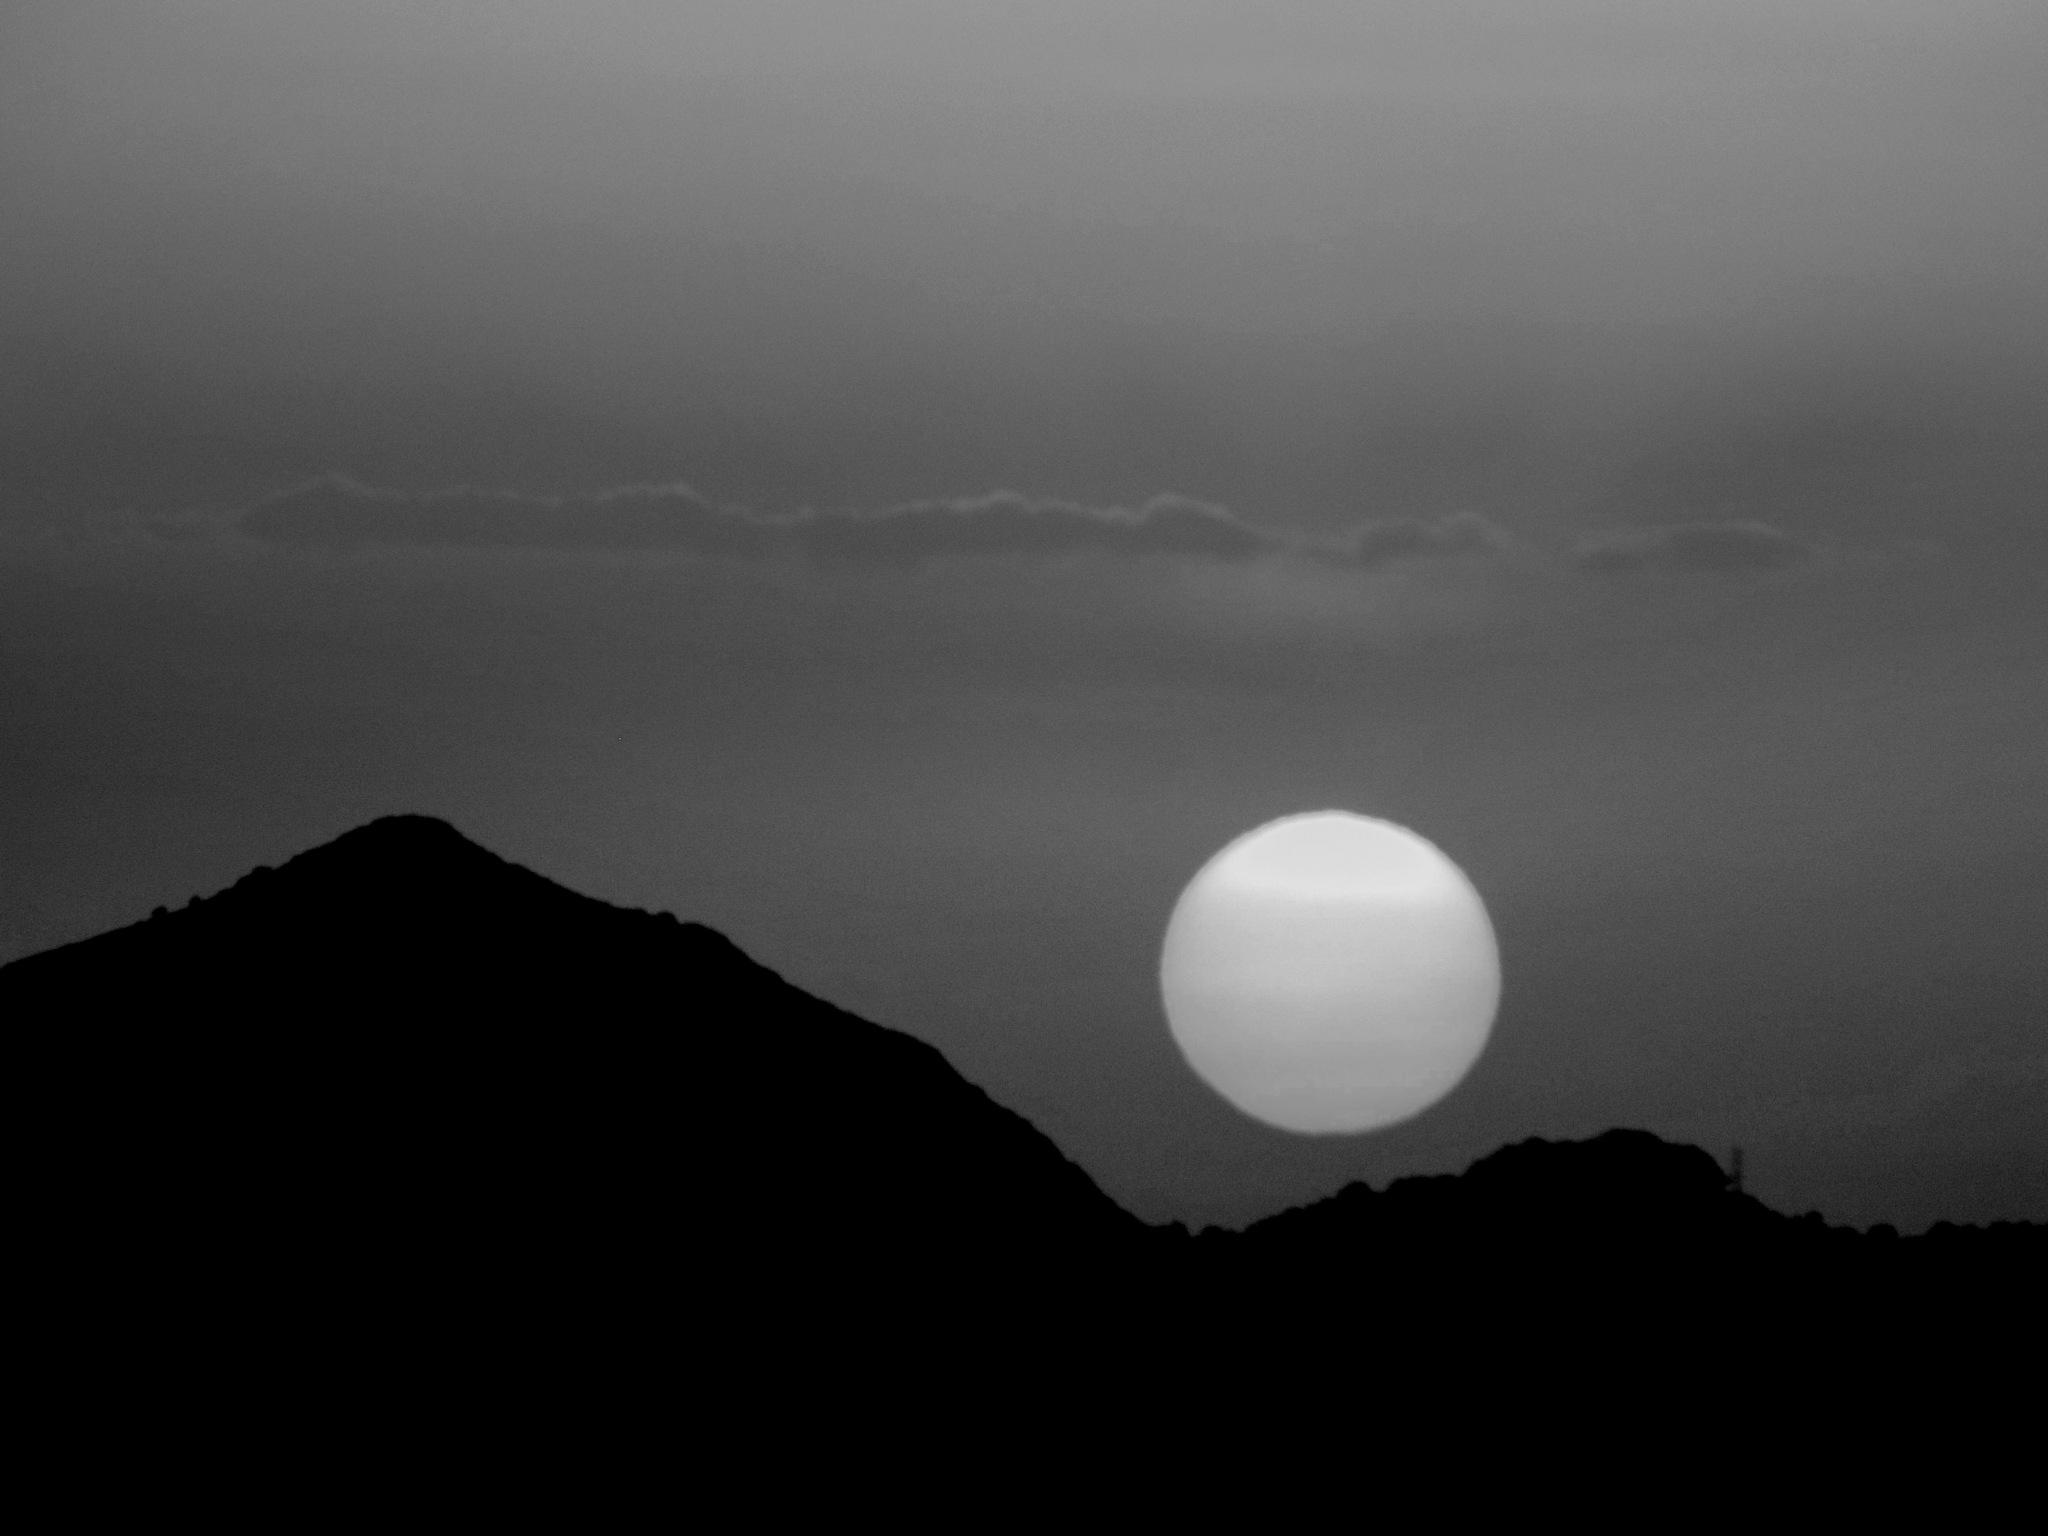 B&W SUNSET, CLOSEUP by Akin Saner